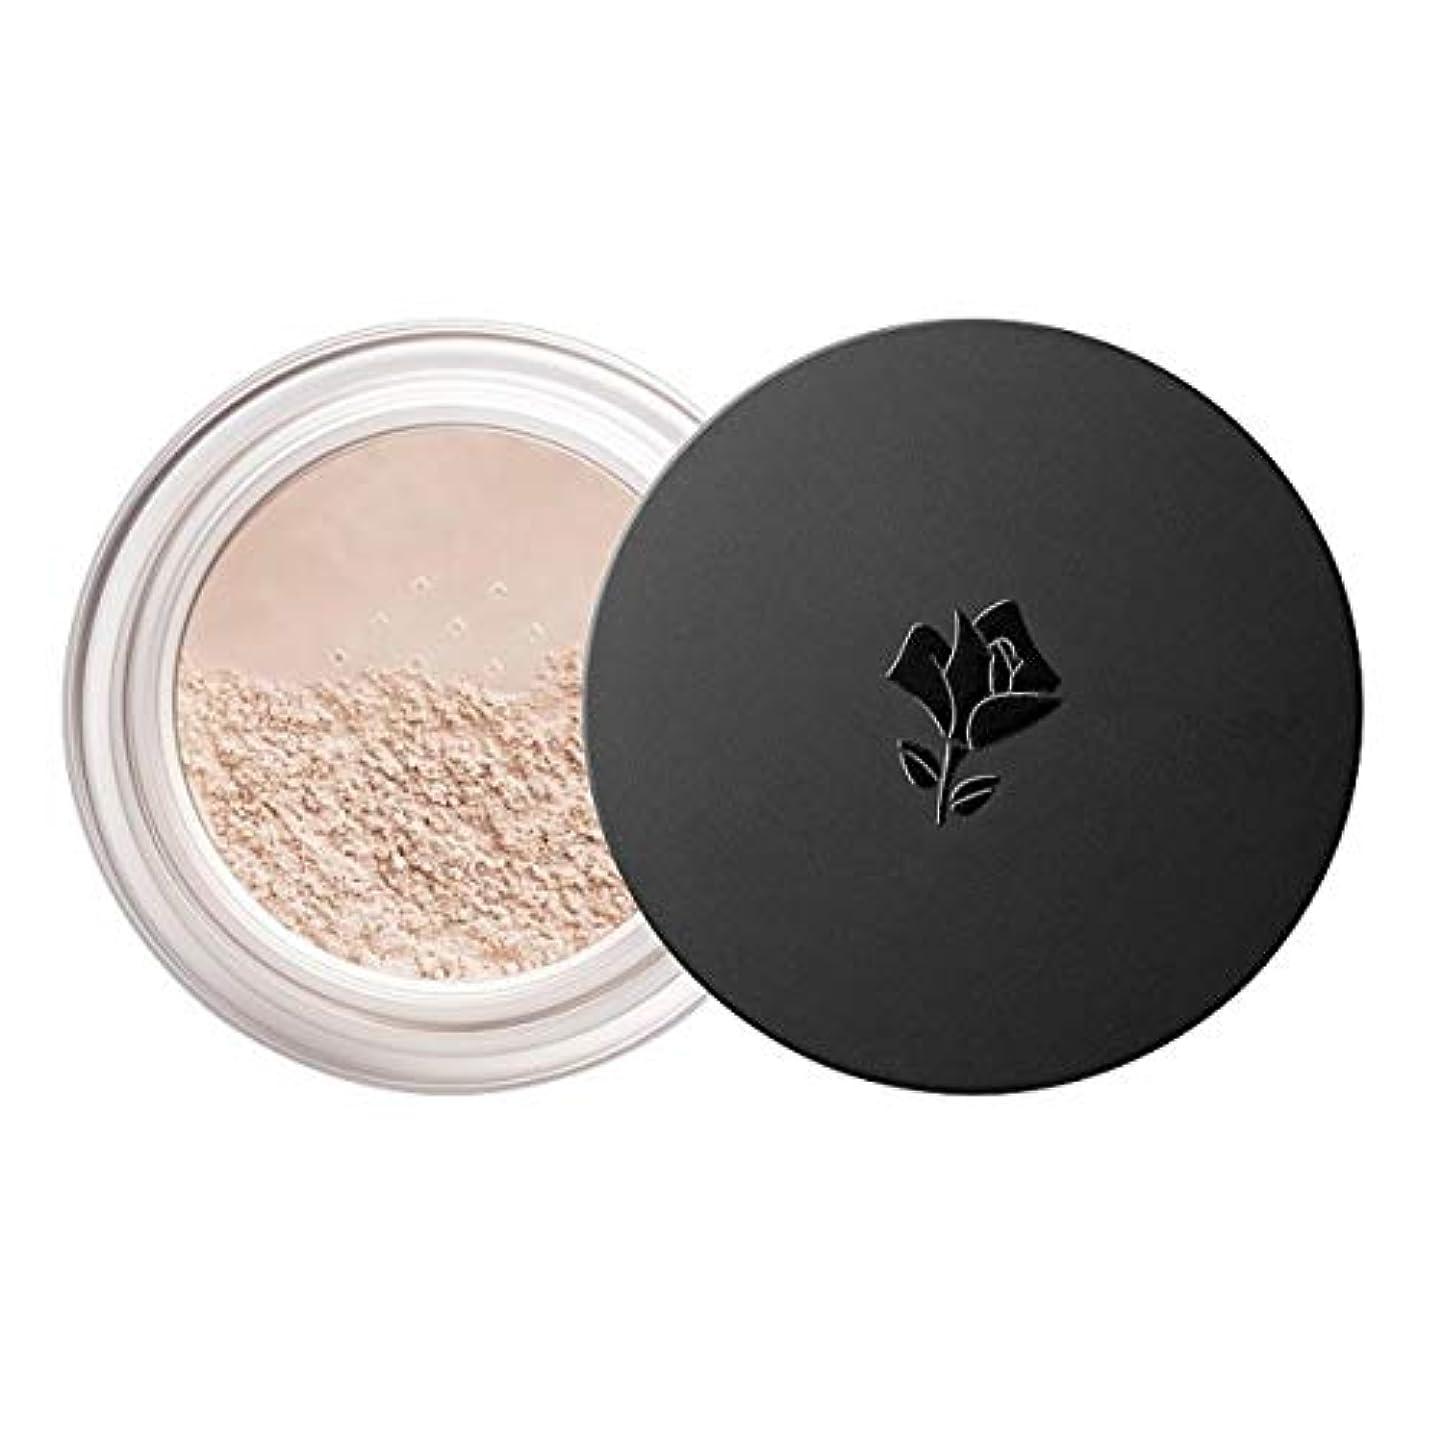 ボード物理学者不明瞭ランコム Long Time No Shine Loose Setting & Mattifying Powder - # Translucent 15g/0.52oz並行輸入品